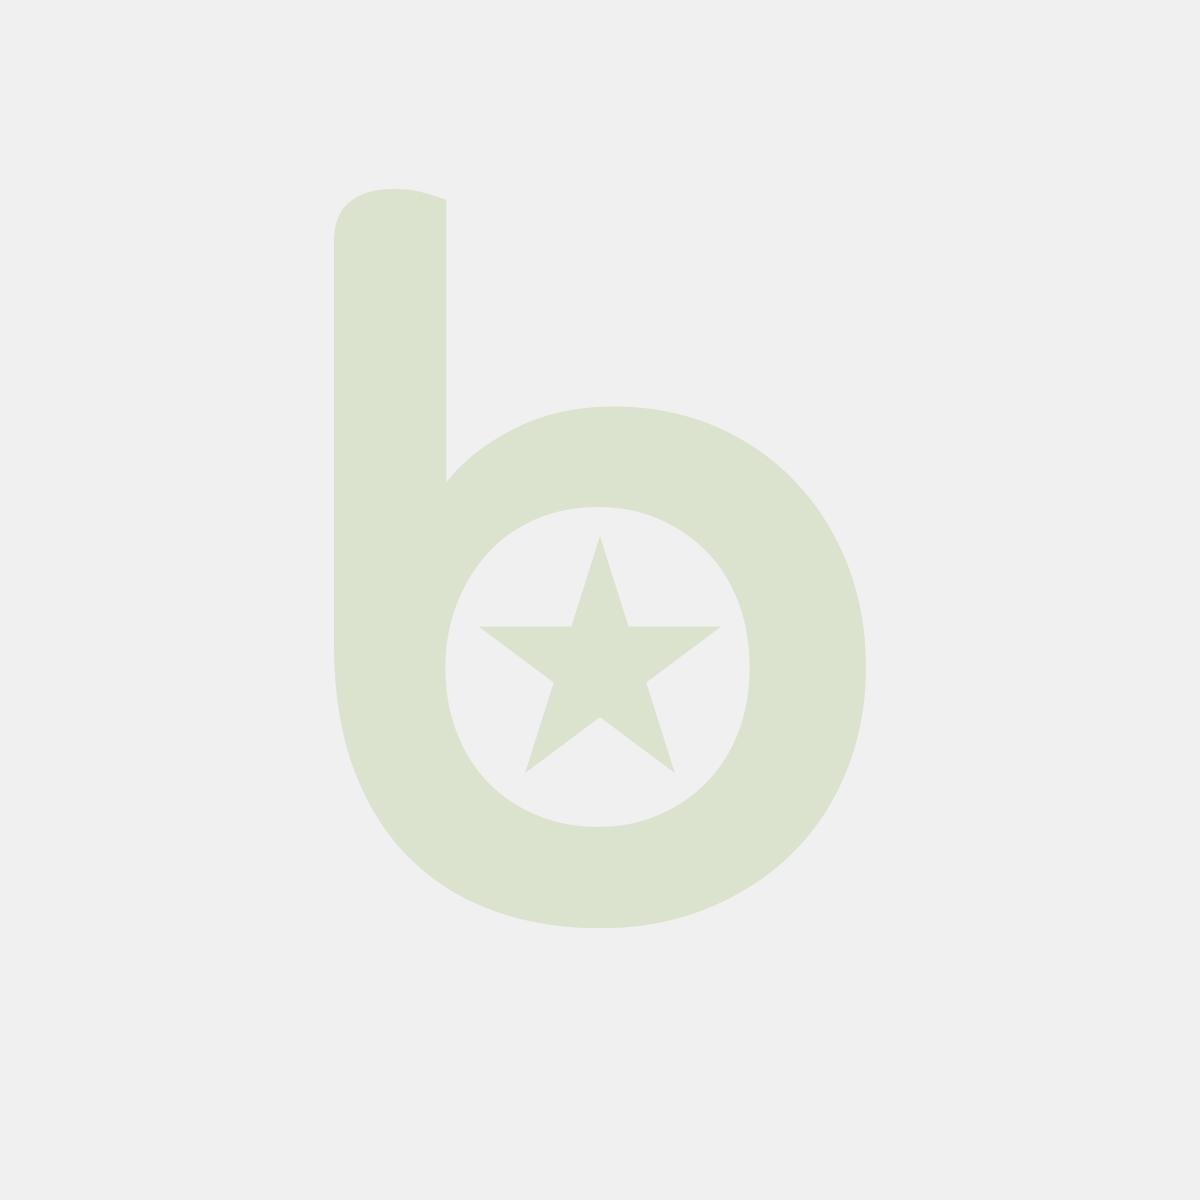 Torba klockowa biała 540x150x460 z uchem skręcanym